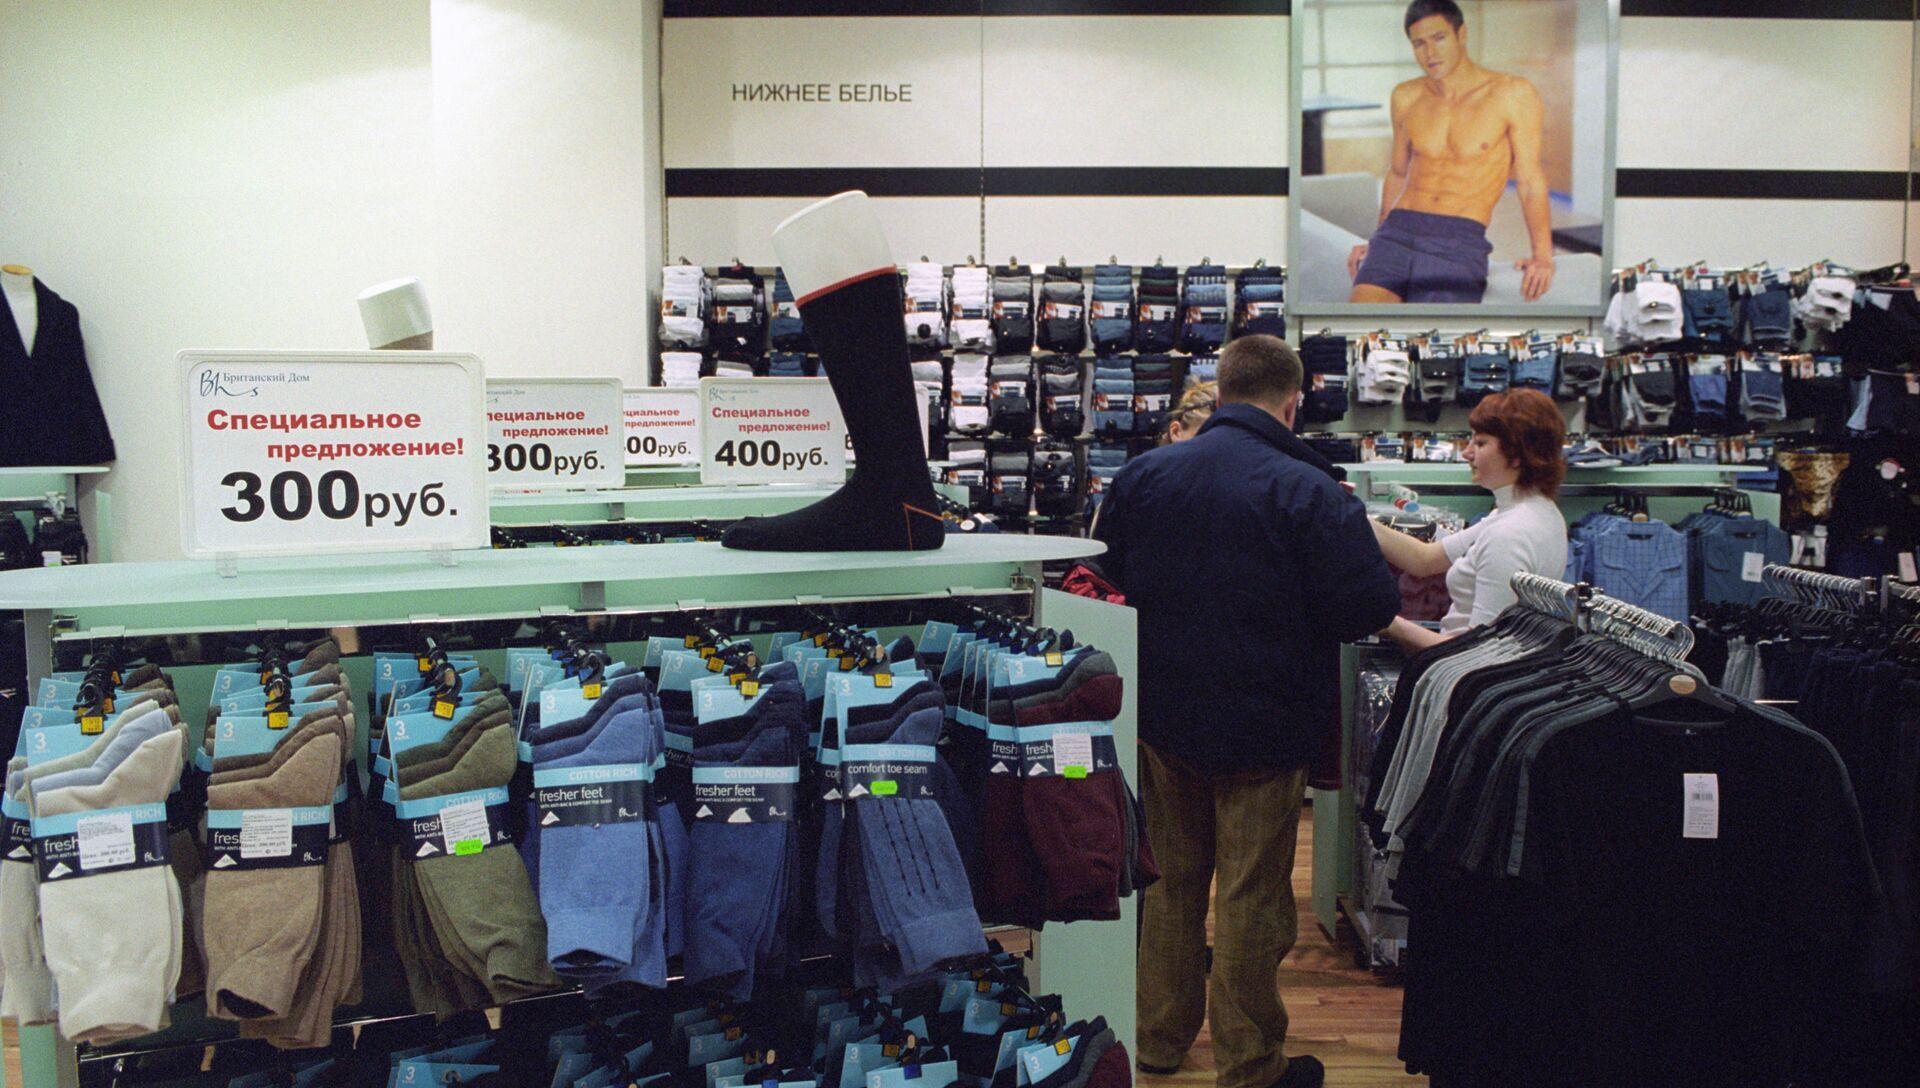 Продажа мужских носков в торговом зале магазина - РИА Новости, 1920, 11.11.2019